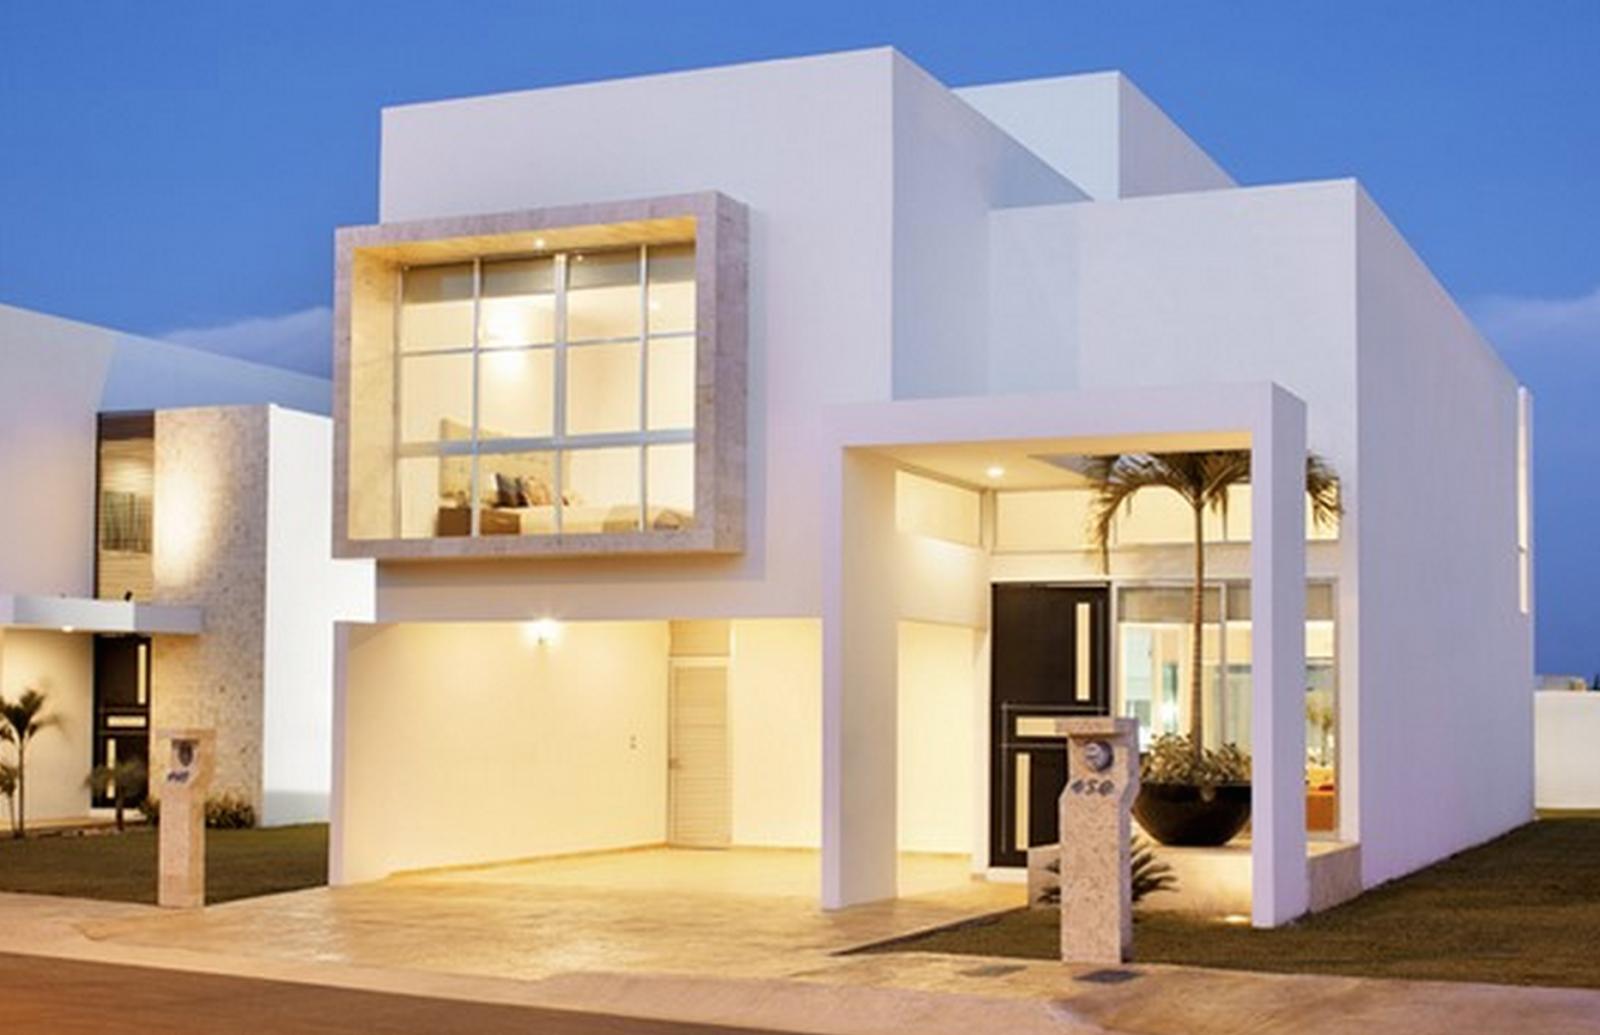 Casas prefabricadas y modulares casas minimalistas for Fachadas de viviendas de una planta